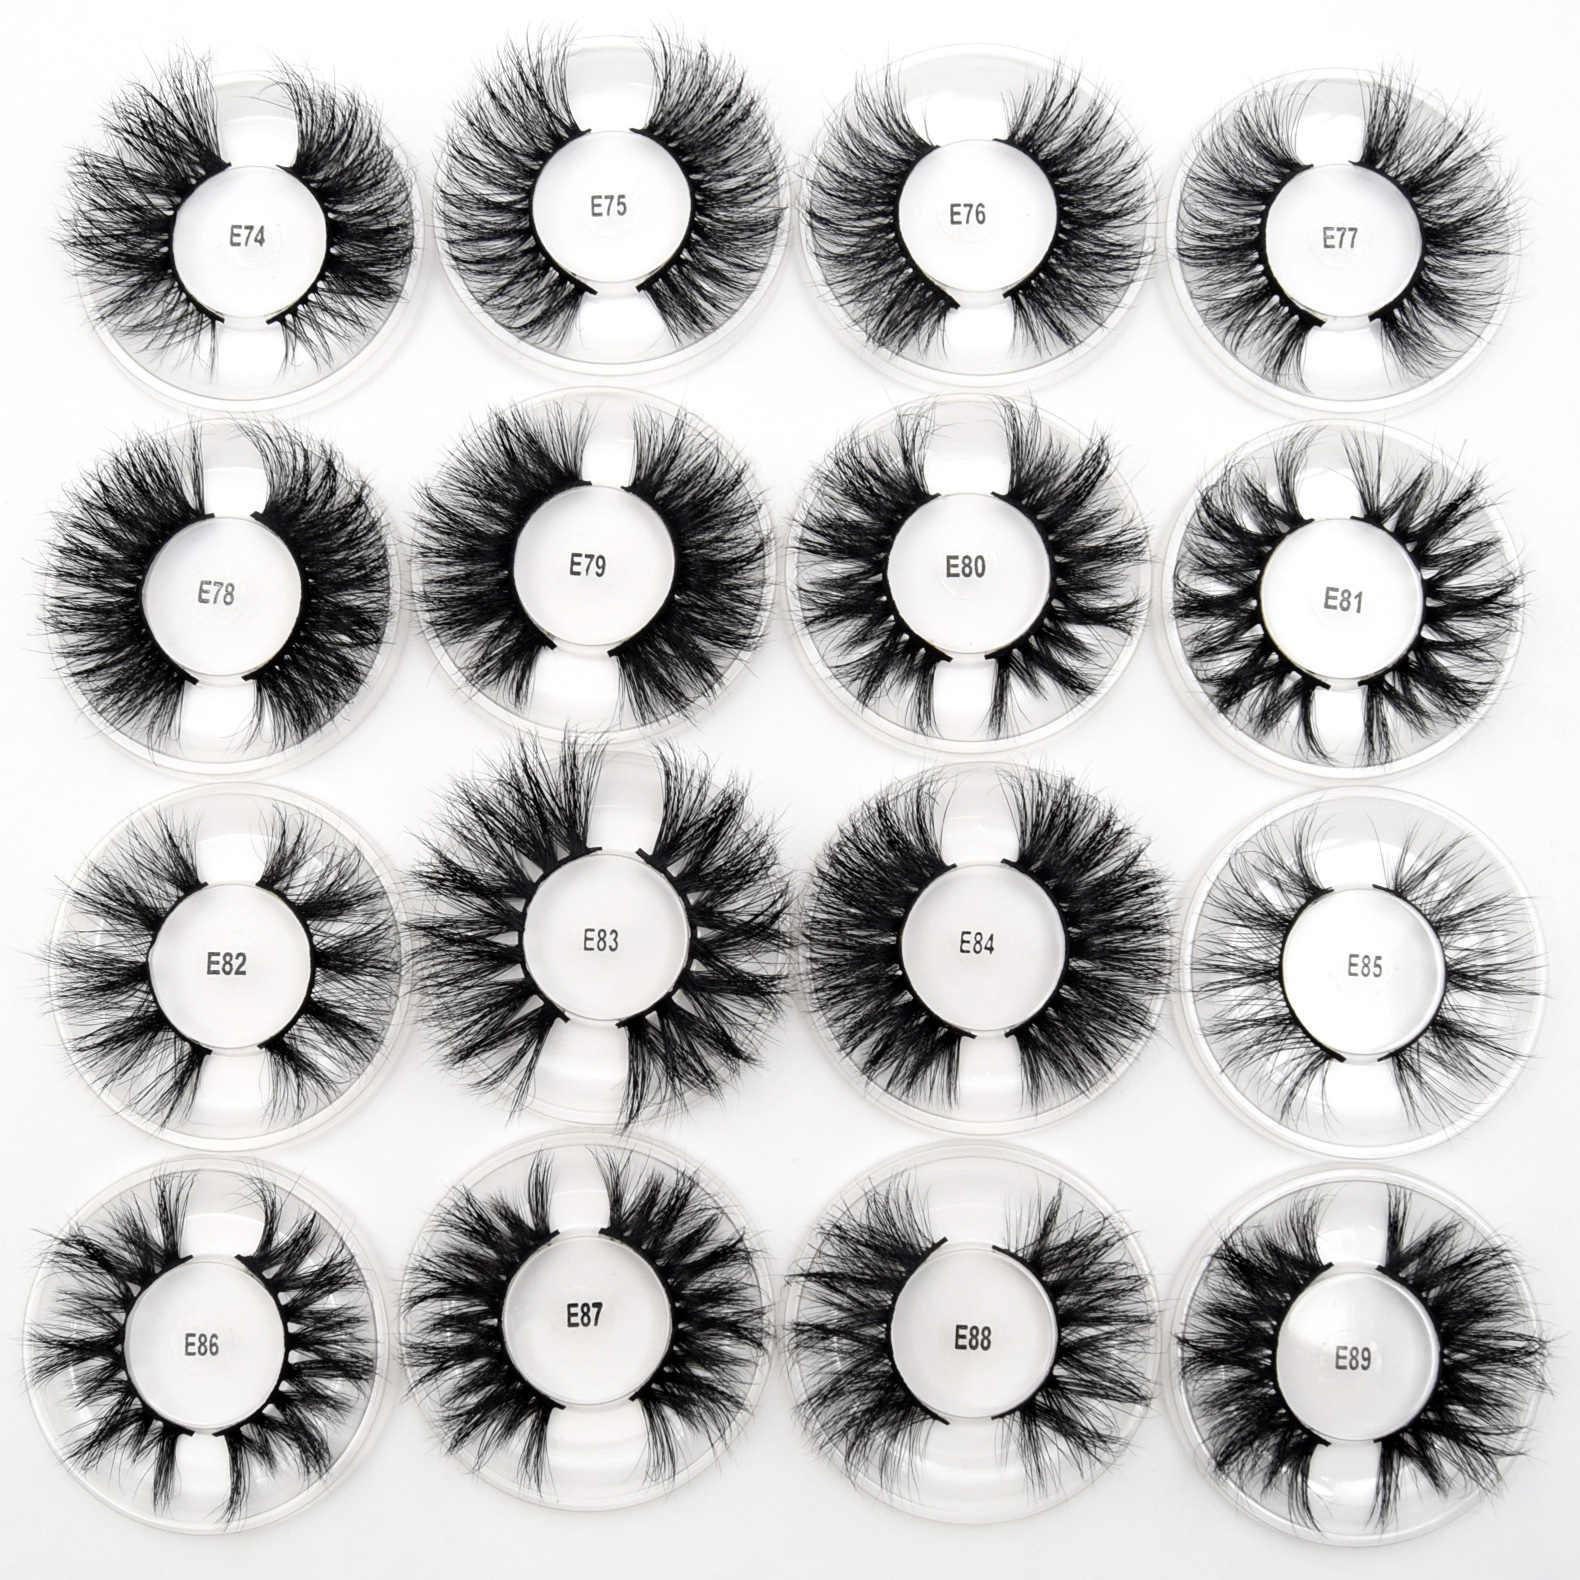 Visofree 50 пар/лот норковые ресницы 3D норковые ресницы без лишних следов 25 мм ресницы многоразовые драматические ресницы накладные ресницы для макияжа